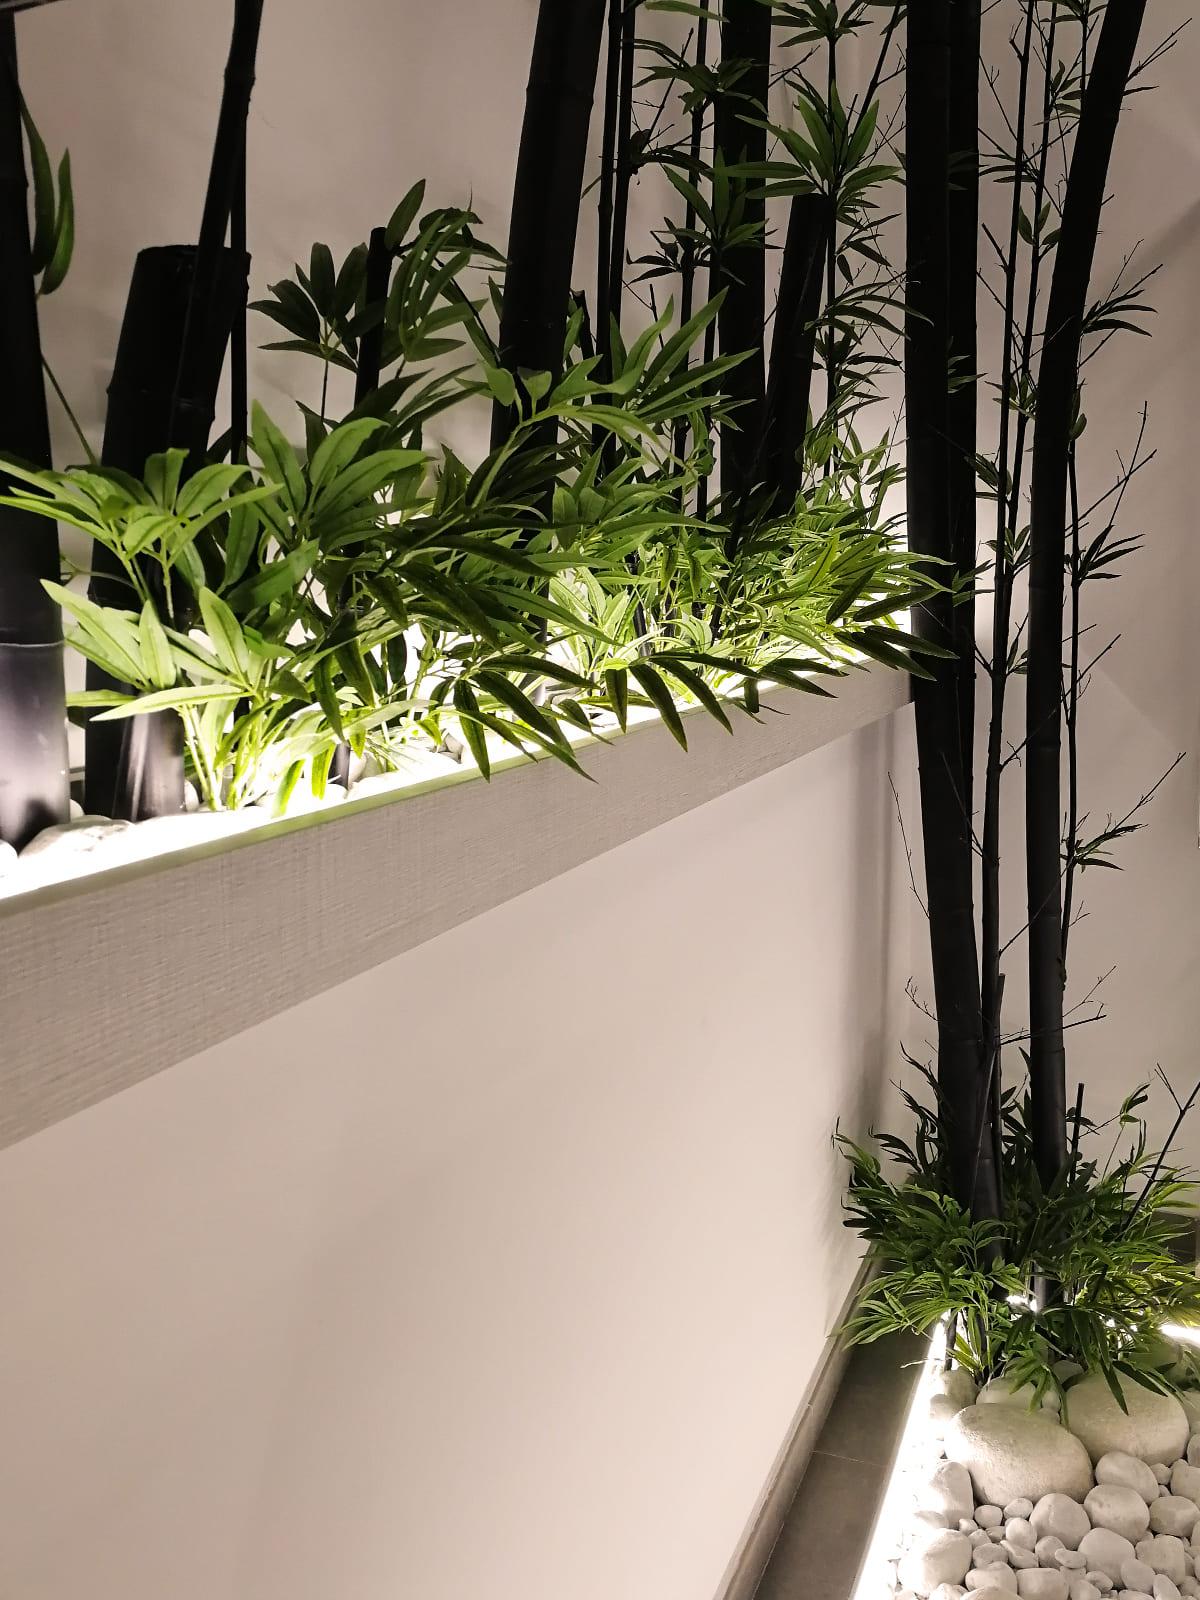 diseño-interiores-entrada-vivienda-escalera-bambu-JM-05_HIDROJARDIN-Bañeres